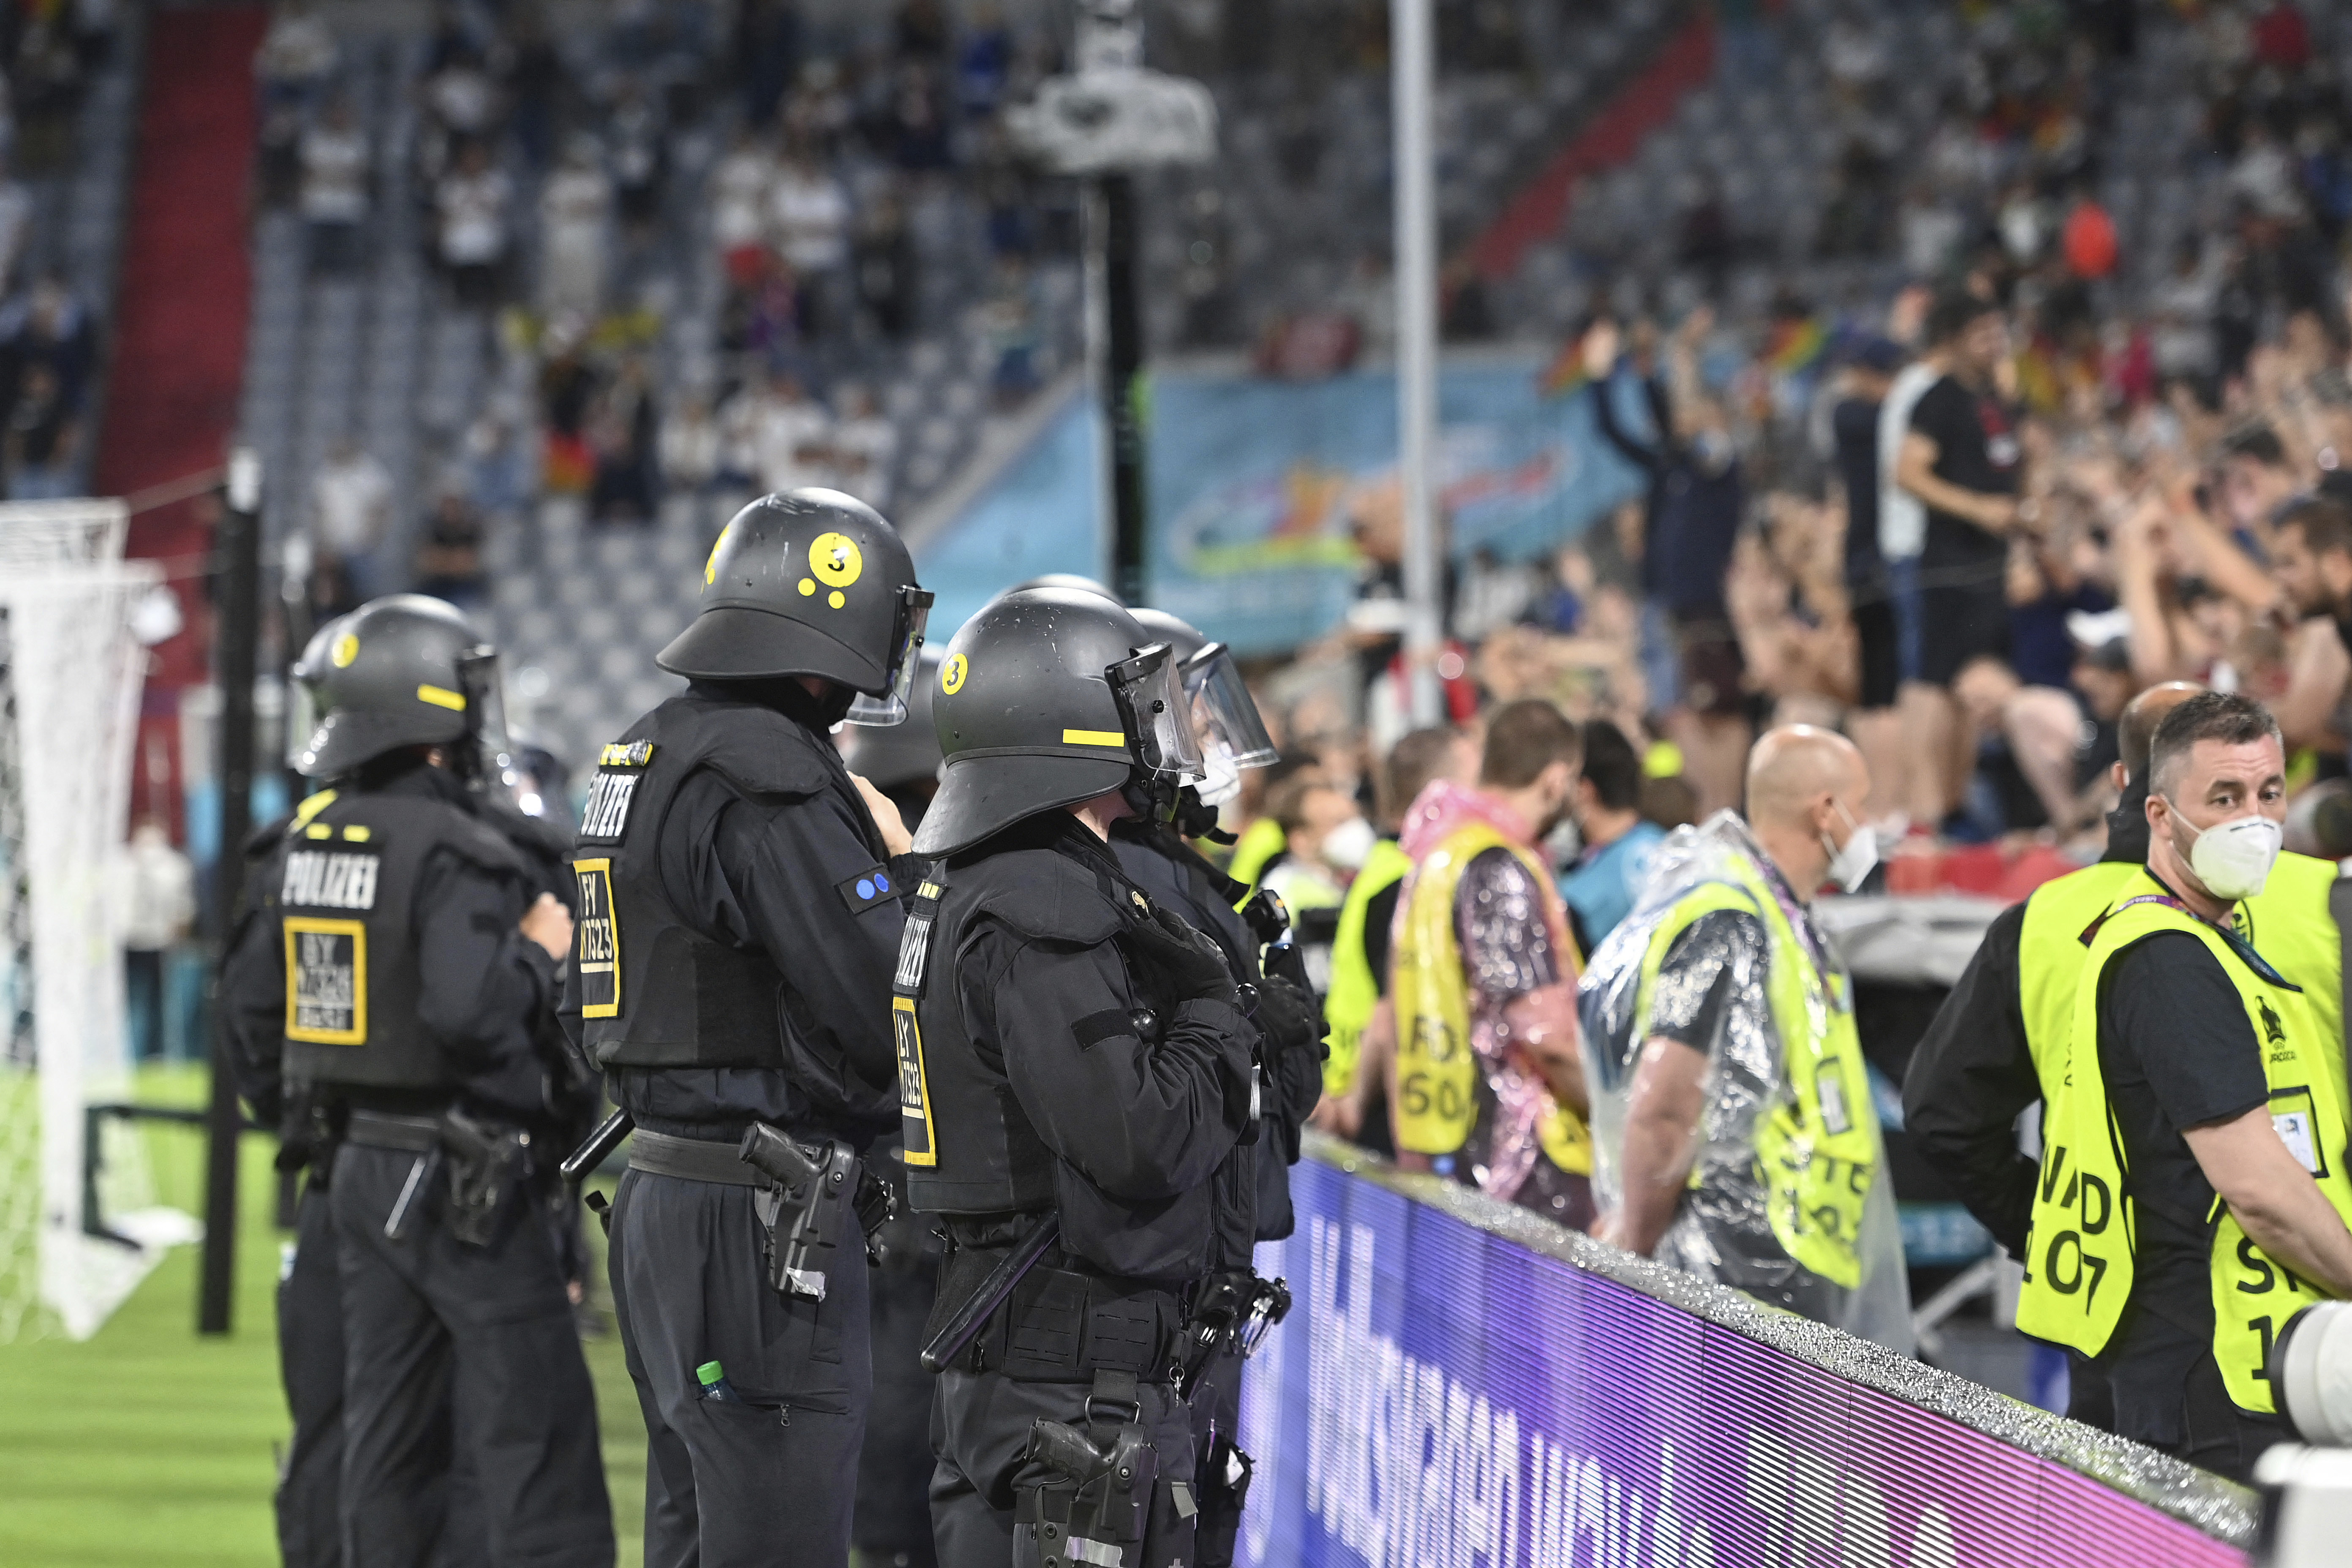 Hazaengedték a szurkolót, akit letartóztattak Münchenben a német-magyar meccs után